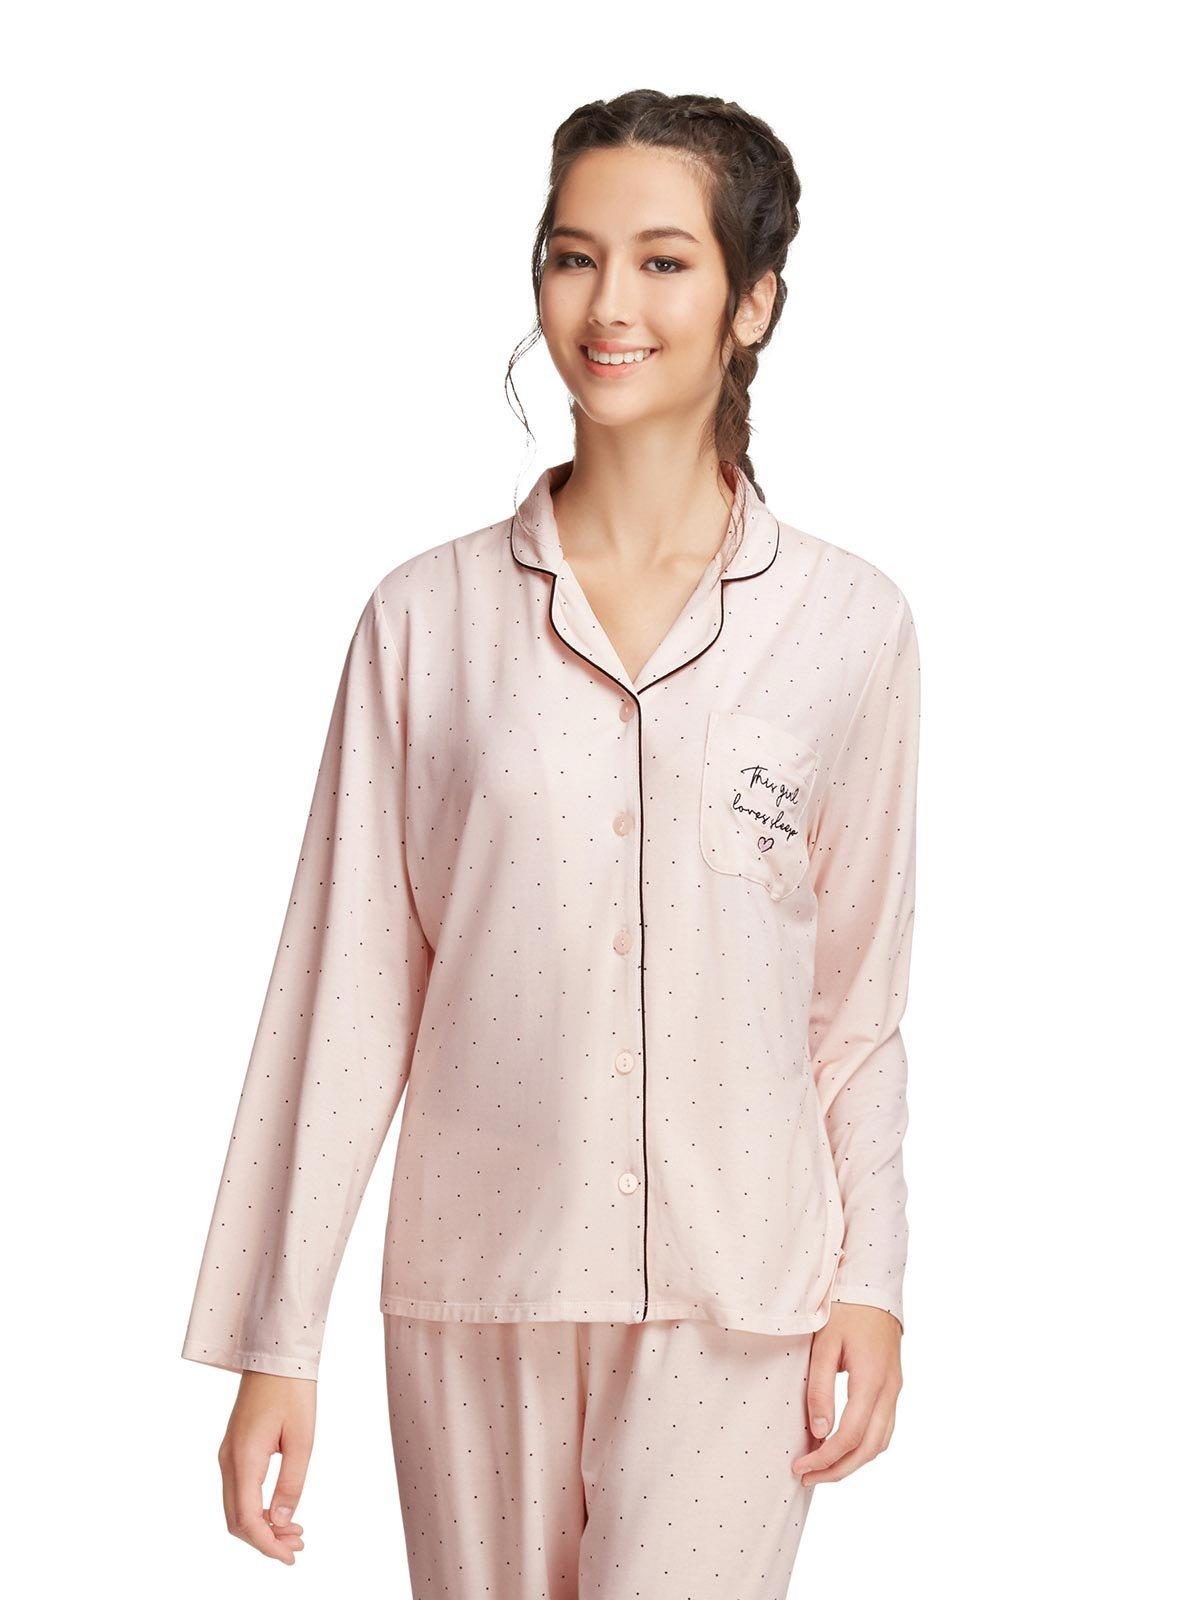 女朋友禮物—6ixty8ight柔軟舒適莫代爾家居服睡衣睡裙|美食到會外賣速遞服務|Kama Delivery Catering